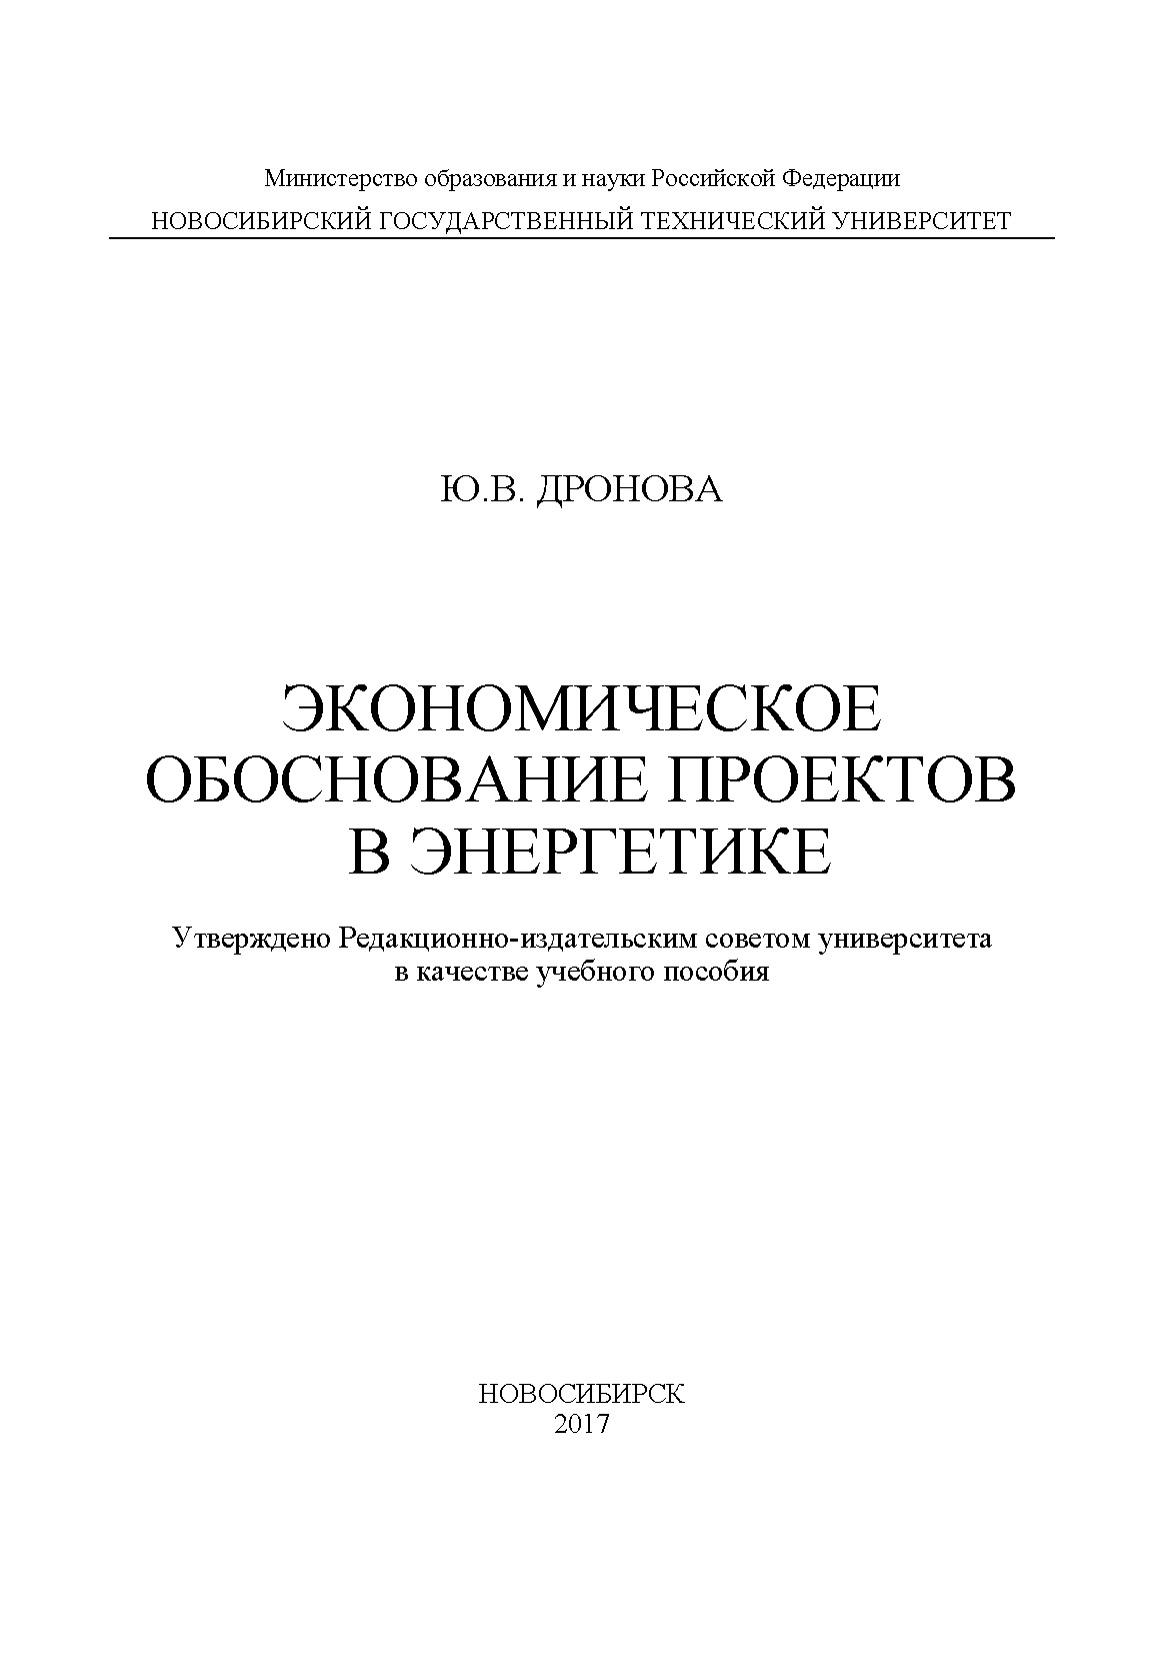 Ю. В. Дронова Экономическое обоснование проектов в энергетике анна дронова избранное